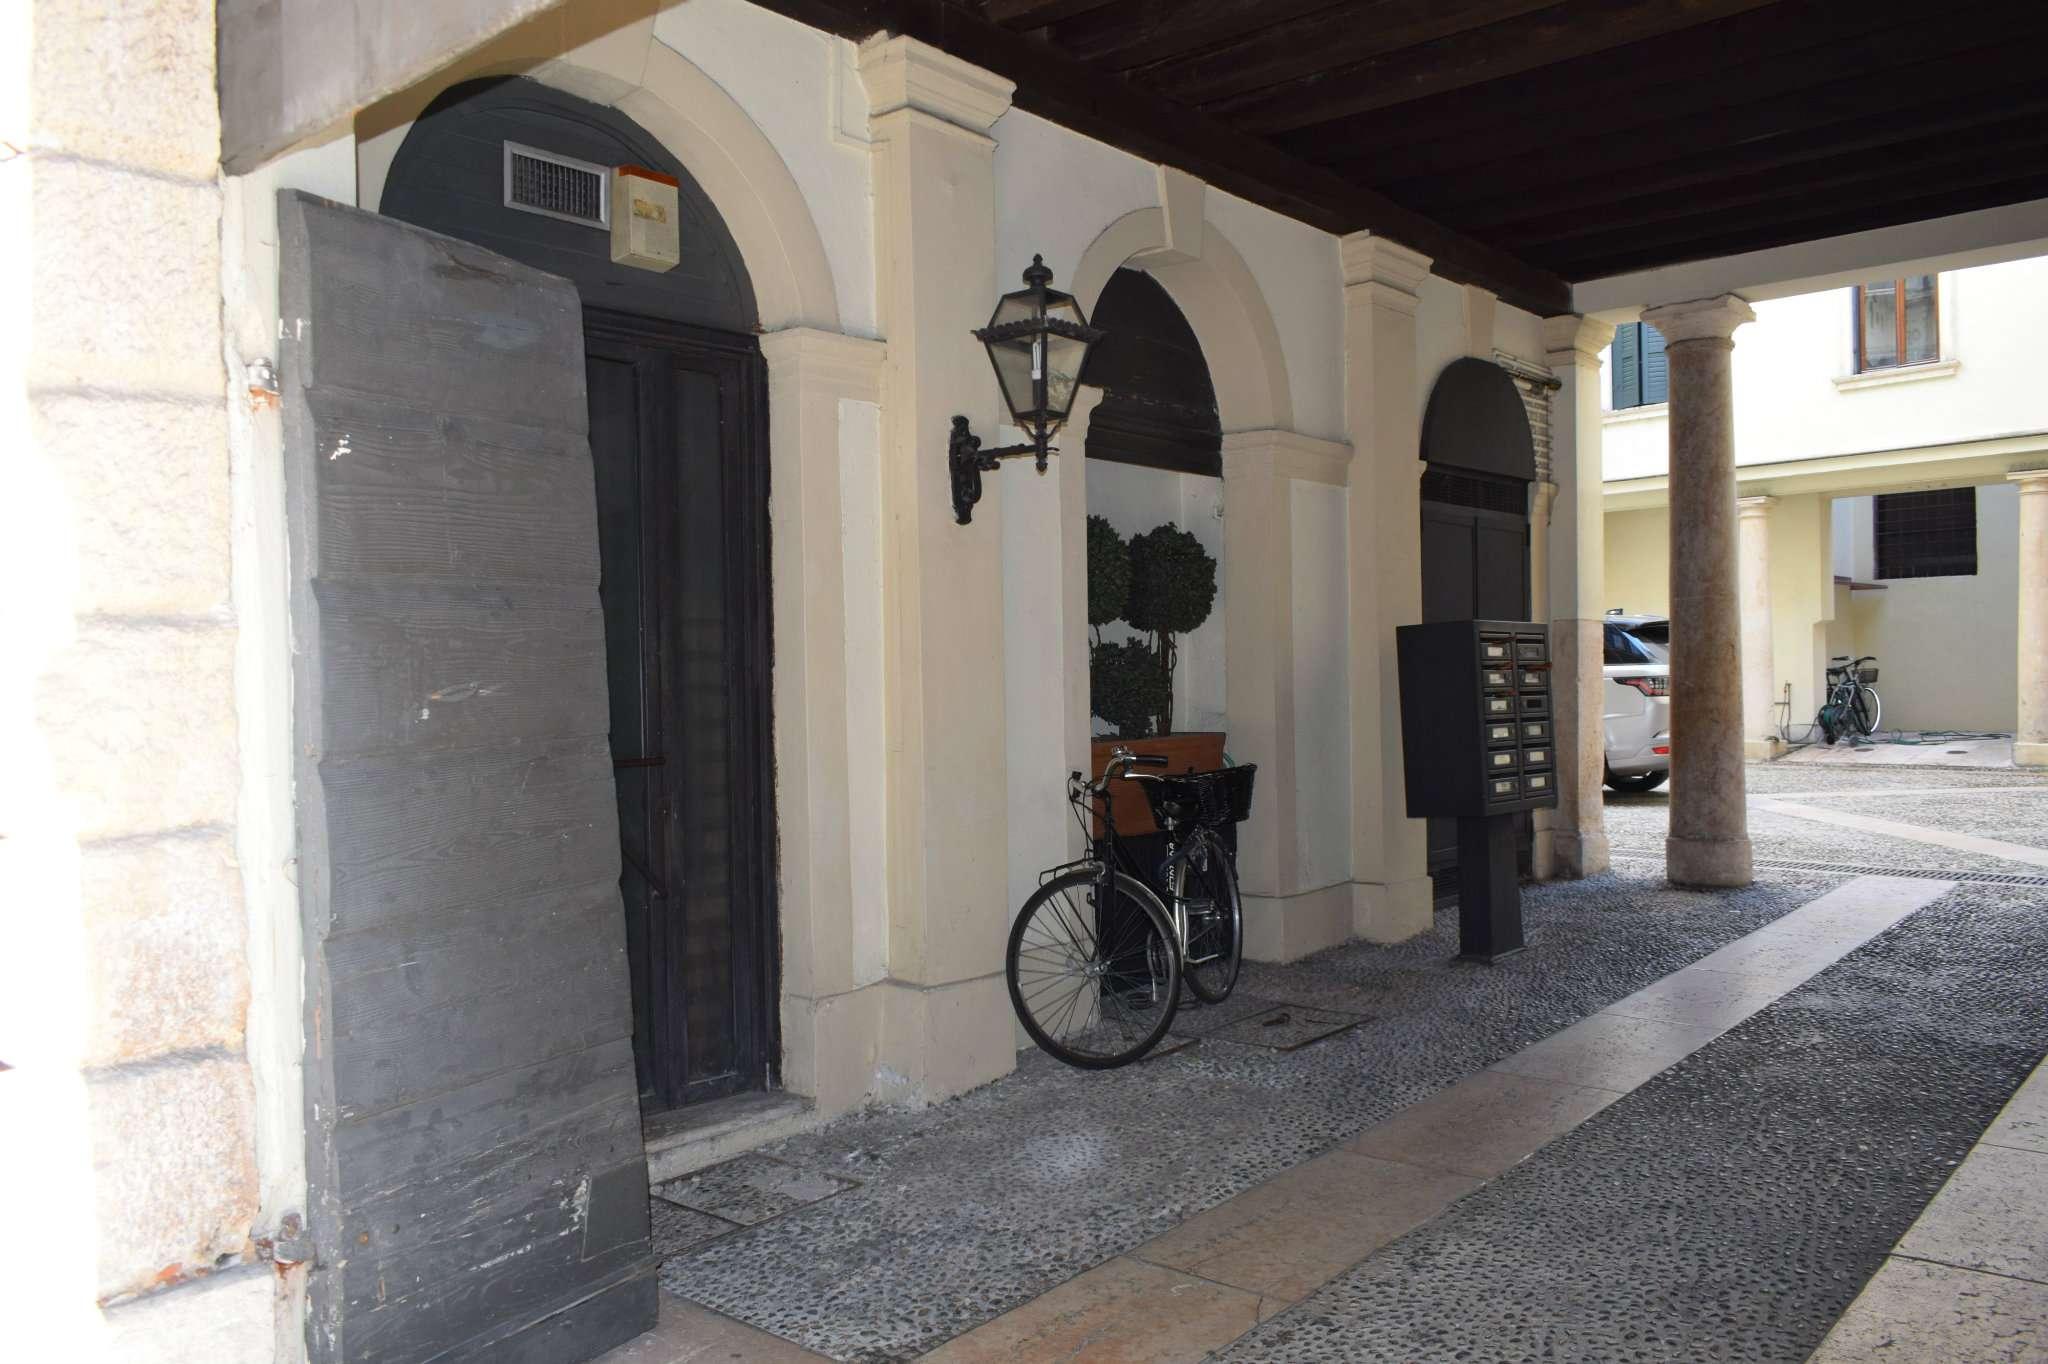 Ufficio / Studio in affitto a Verona, 2 locali, zona Zona: 1 . ZTL - Piazza Cittadella - San Zeno - Stadio, prezzo € 1.300   CambioCasa.it